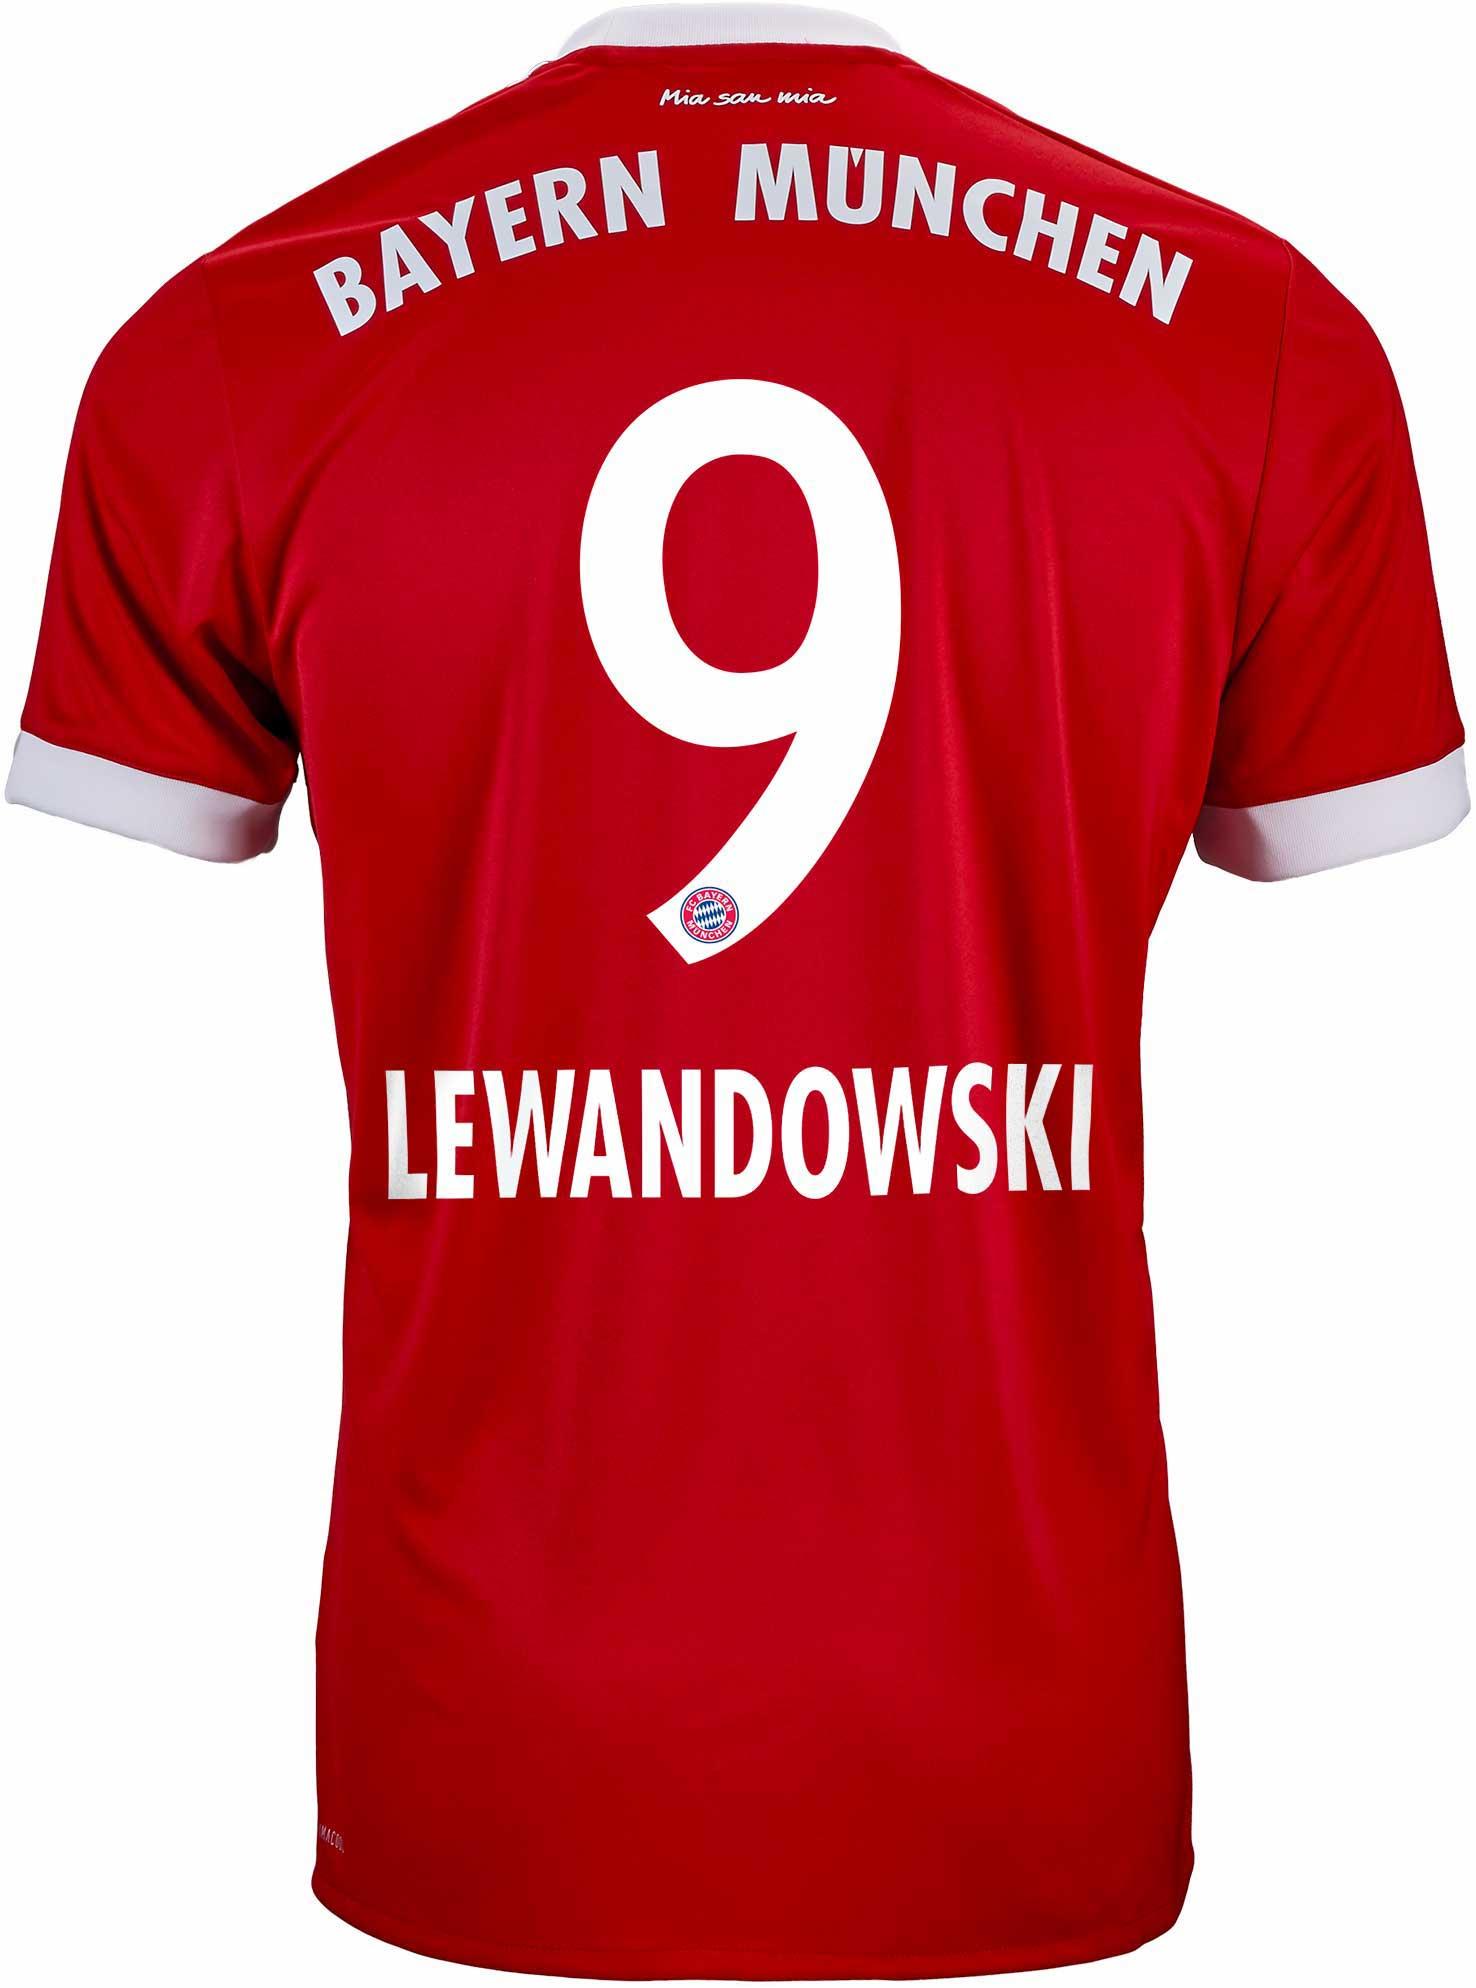 dafa5a38c 2017/18 adidas Kids Robert Lewandowski Bayern Munich Home Jersey